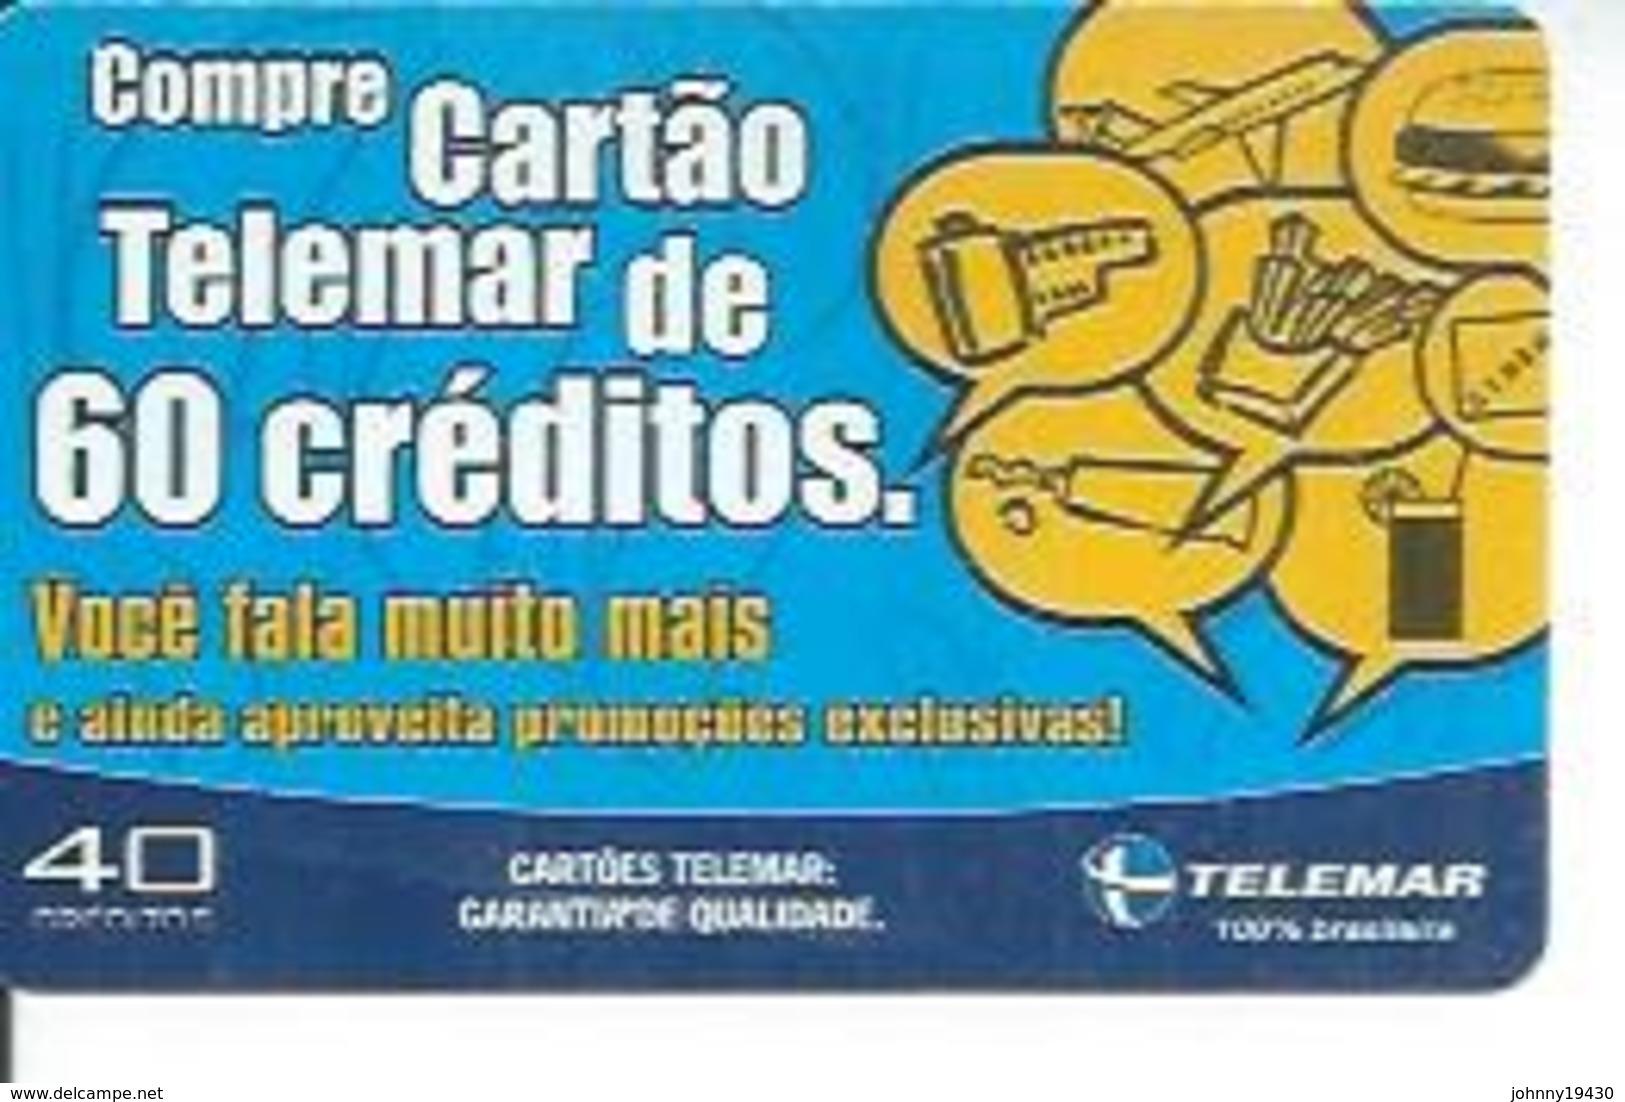 TELEMAR 40 - COMPRE CARTAO  TELEMAR DE 60 CREDITOS   - BRESIL 02/2003 - Brazil